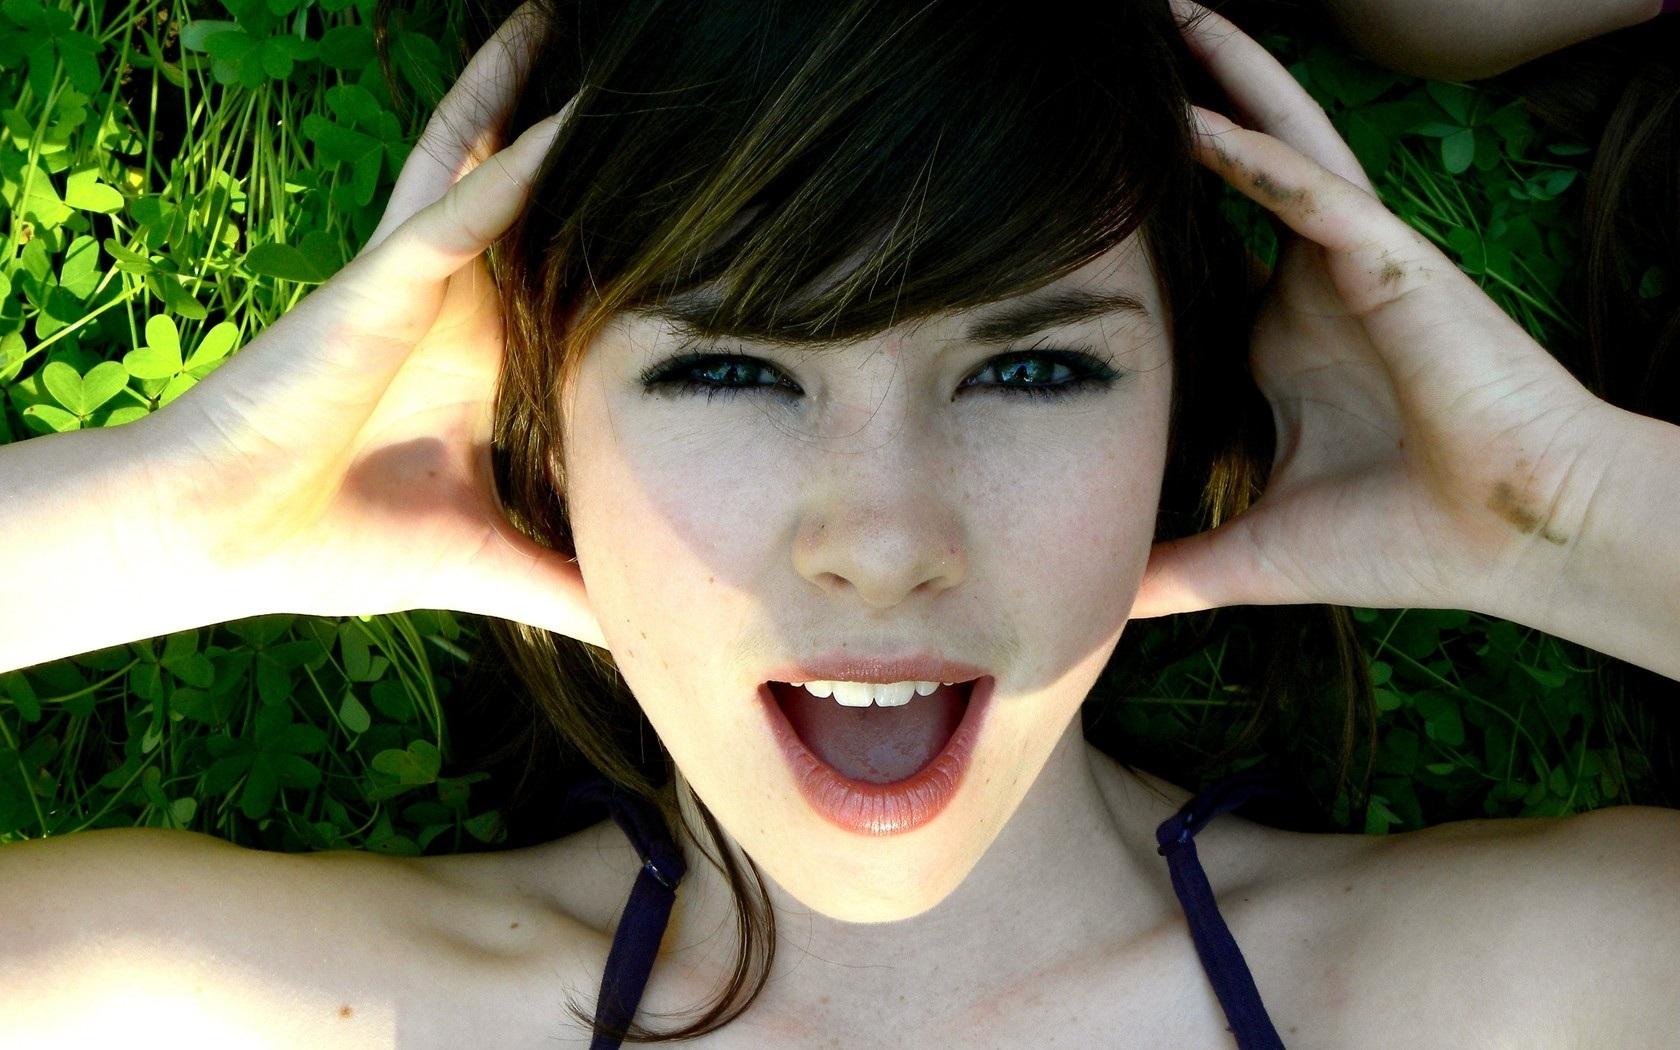 Сперма на лицах молодых девиц крупным планом  220458